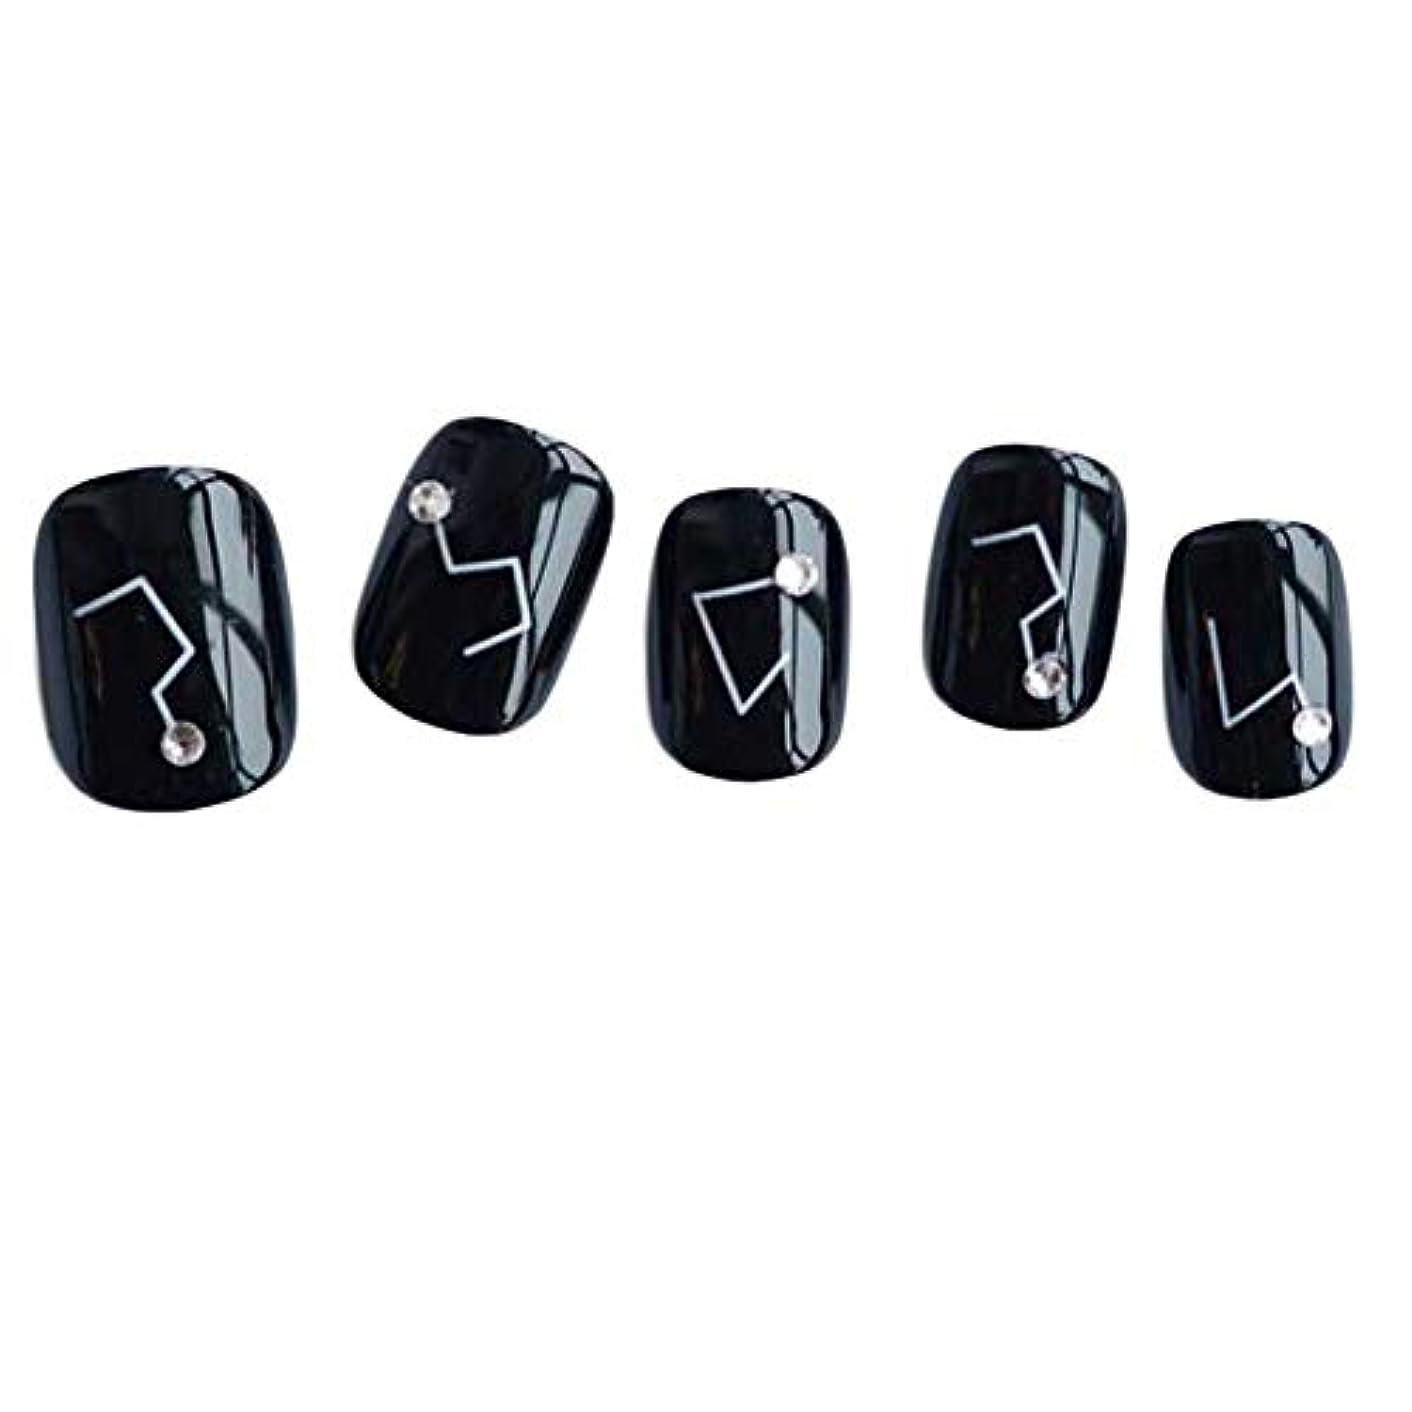 部分助けて接尾辞星座 - 黒い短い偽の指爪人工爪の装飾の爪のヒント